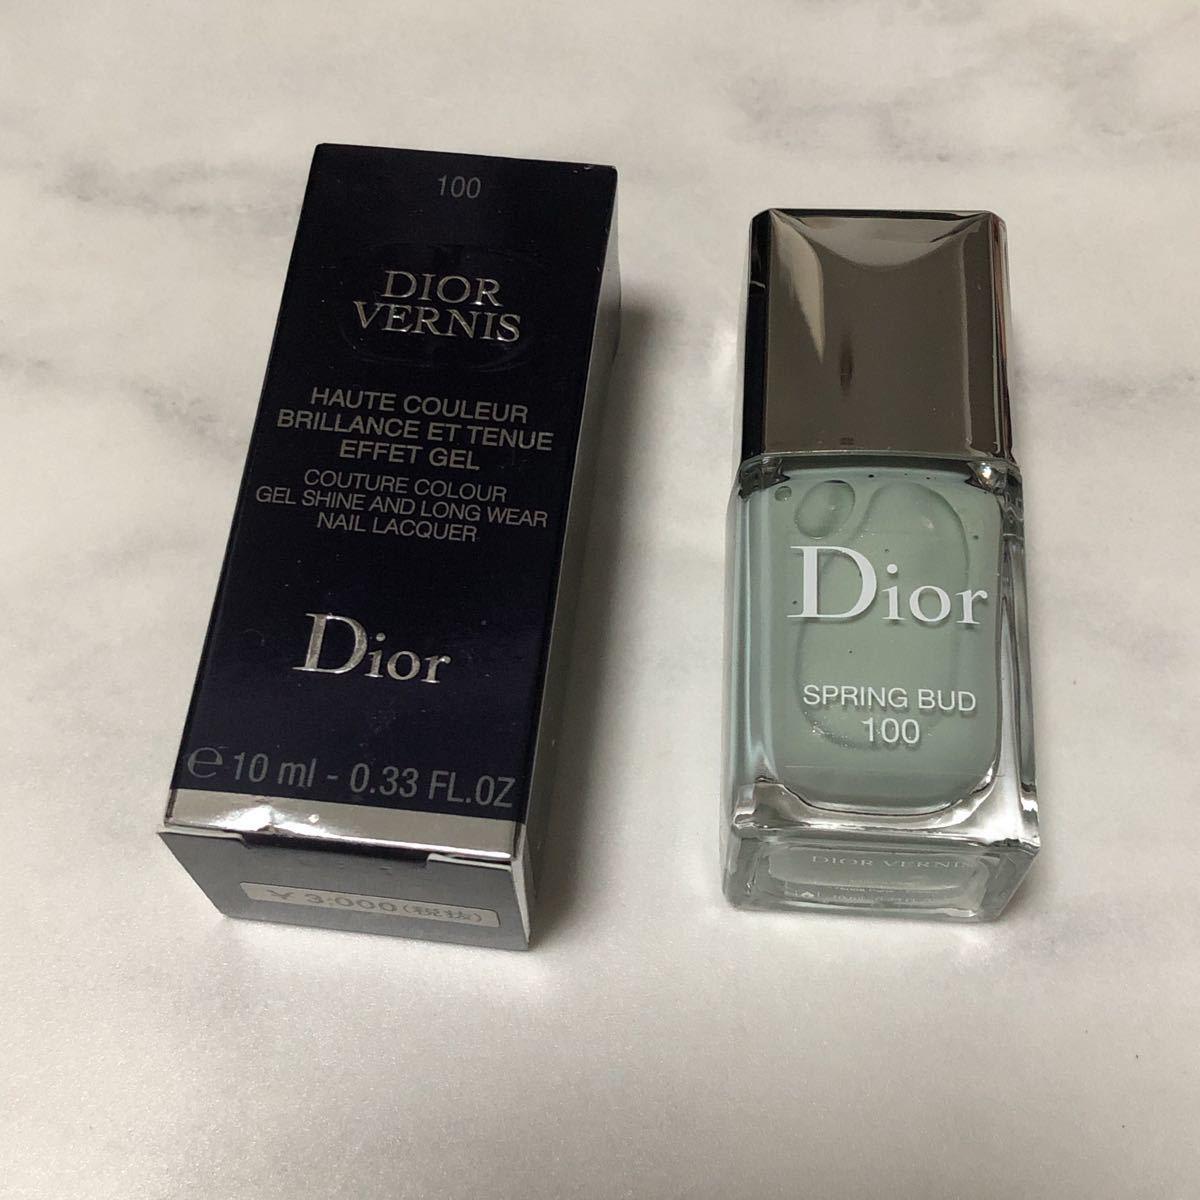 ディオール ヴェルニ Dior 100